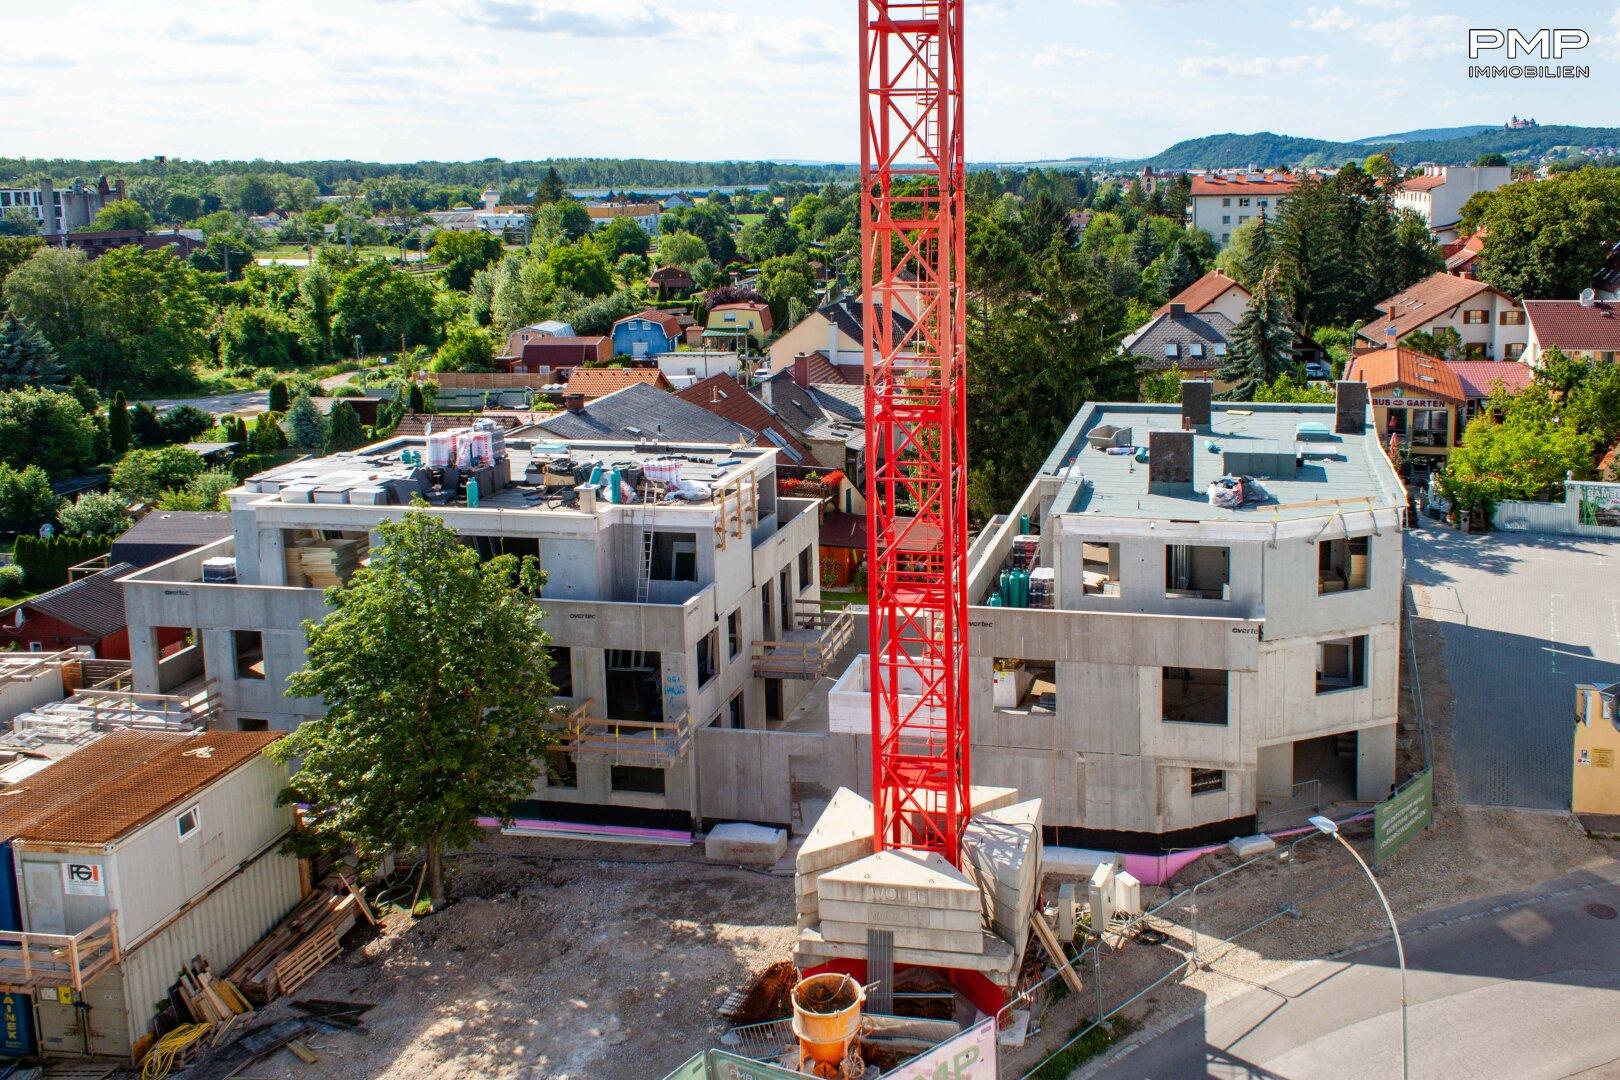 Dachgeschoss - 26.06.2020